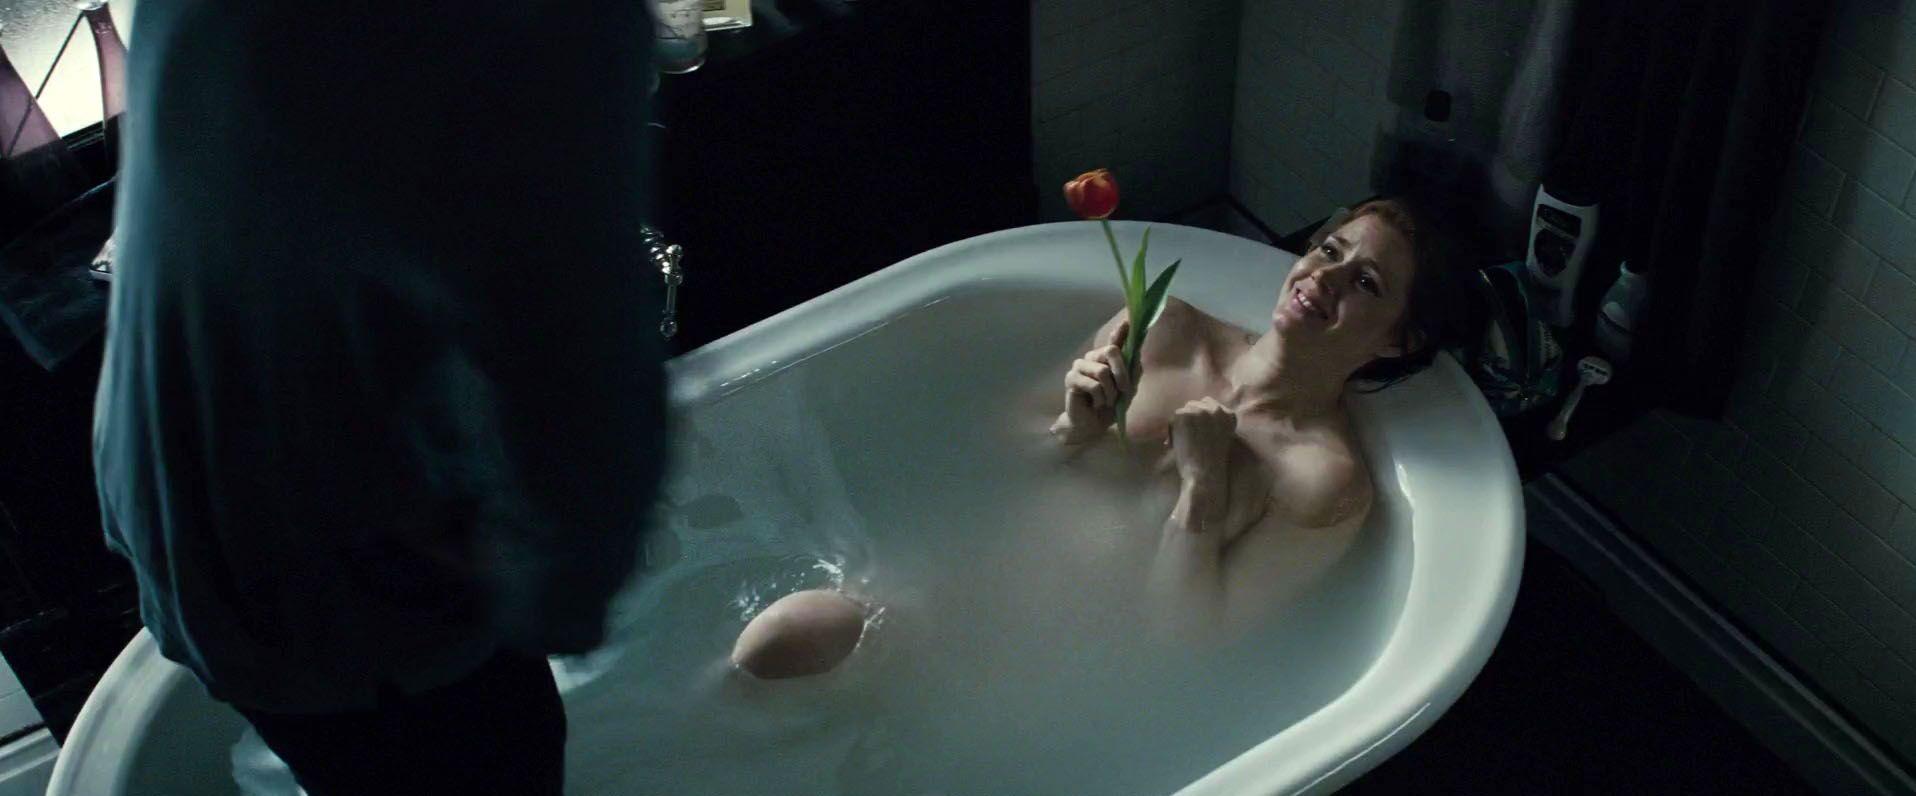 Amy Adams Nipples amy adams nude - uncensored videos & photos exposed!